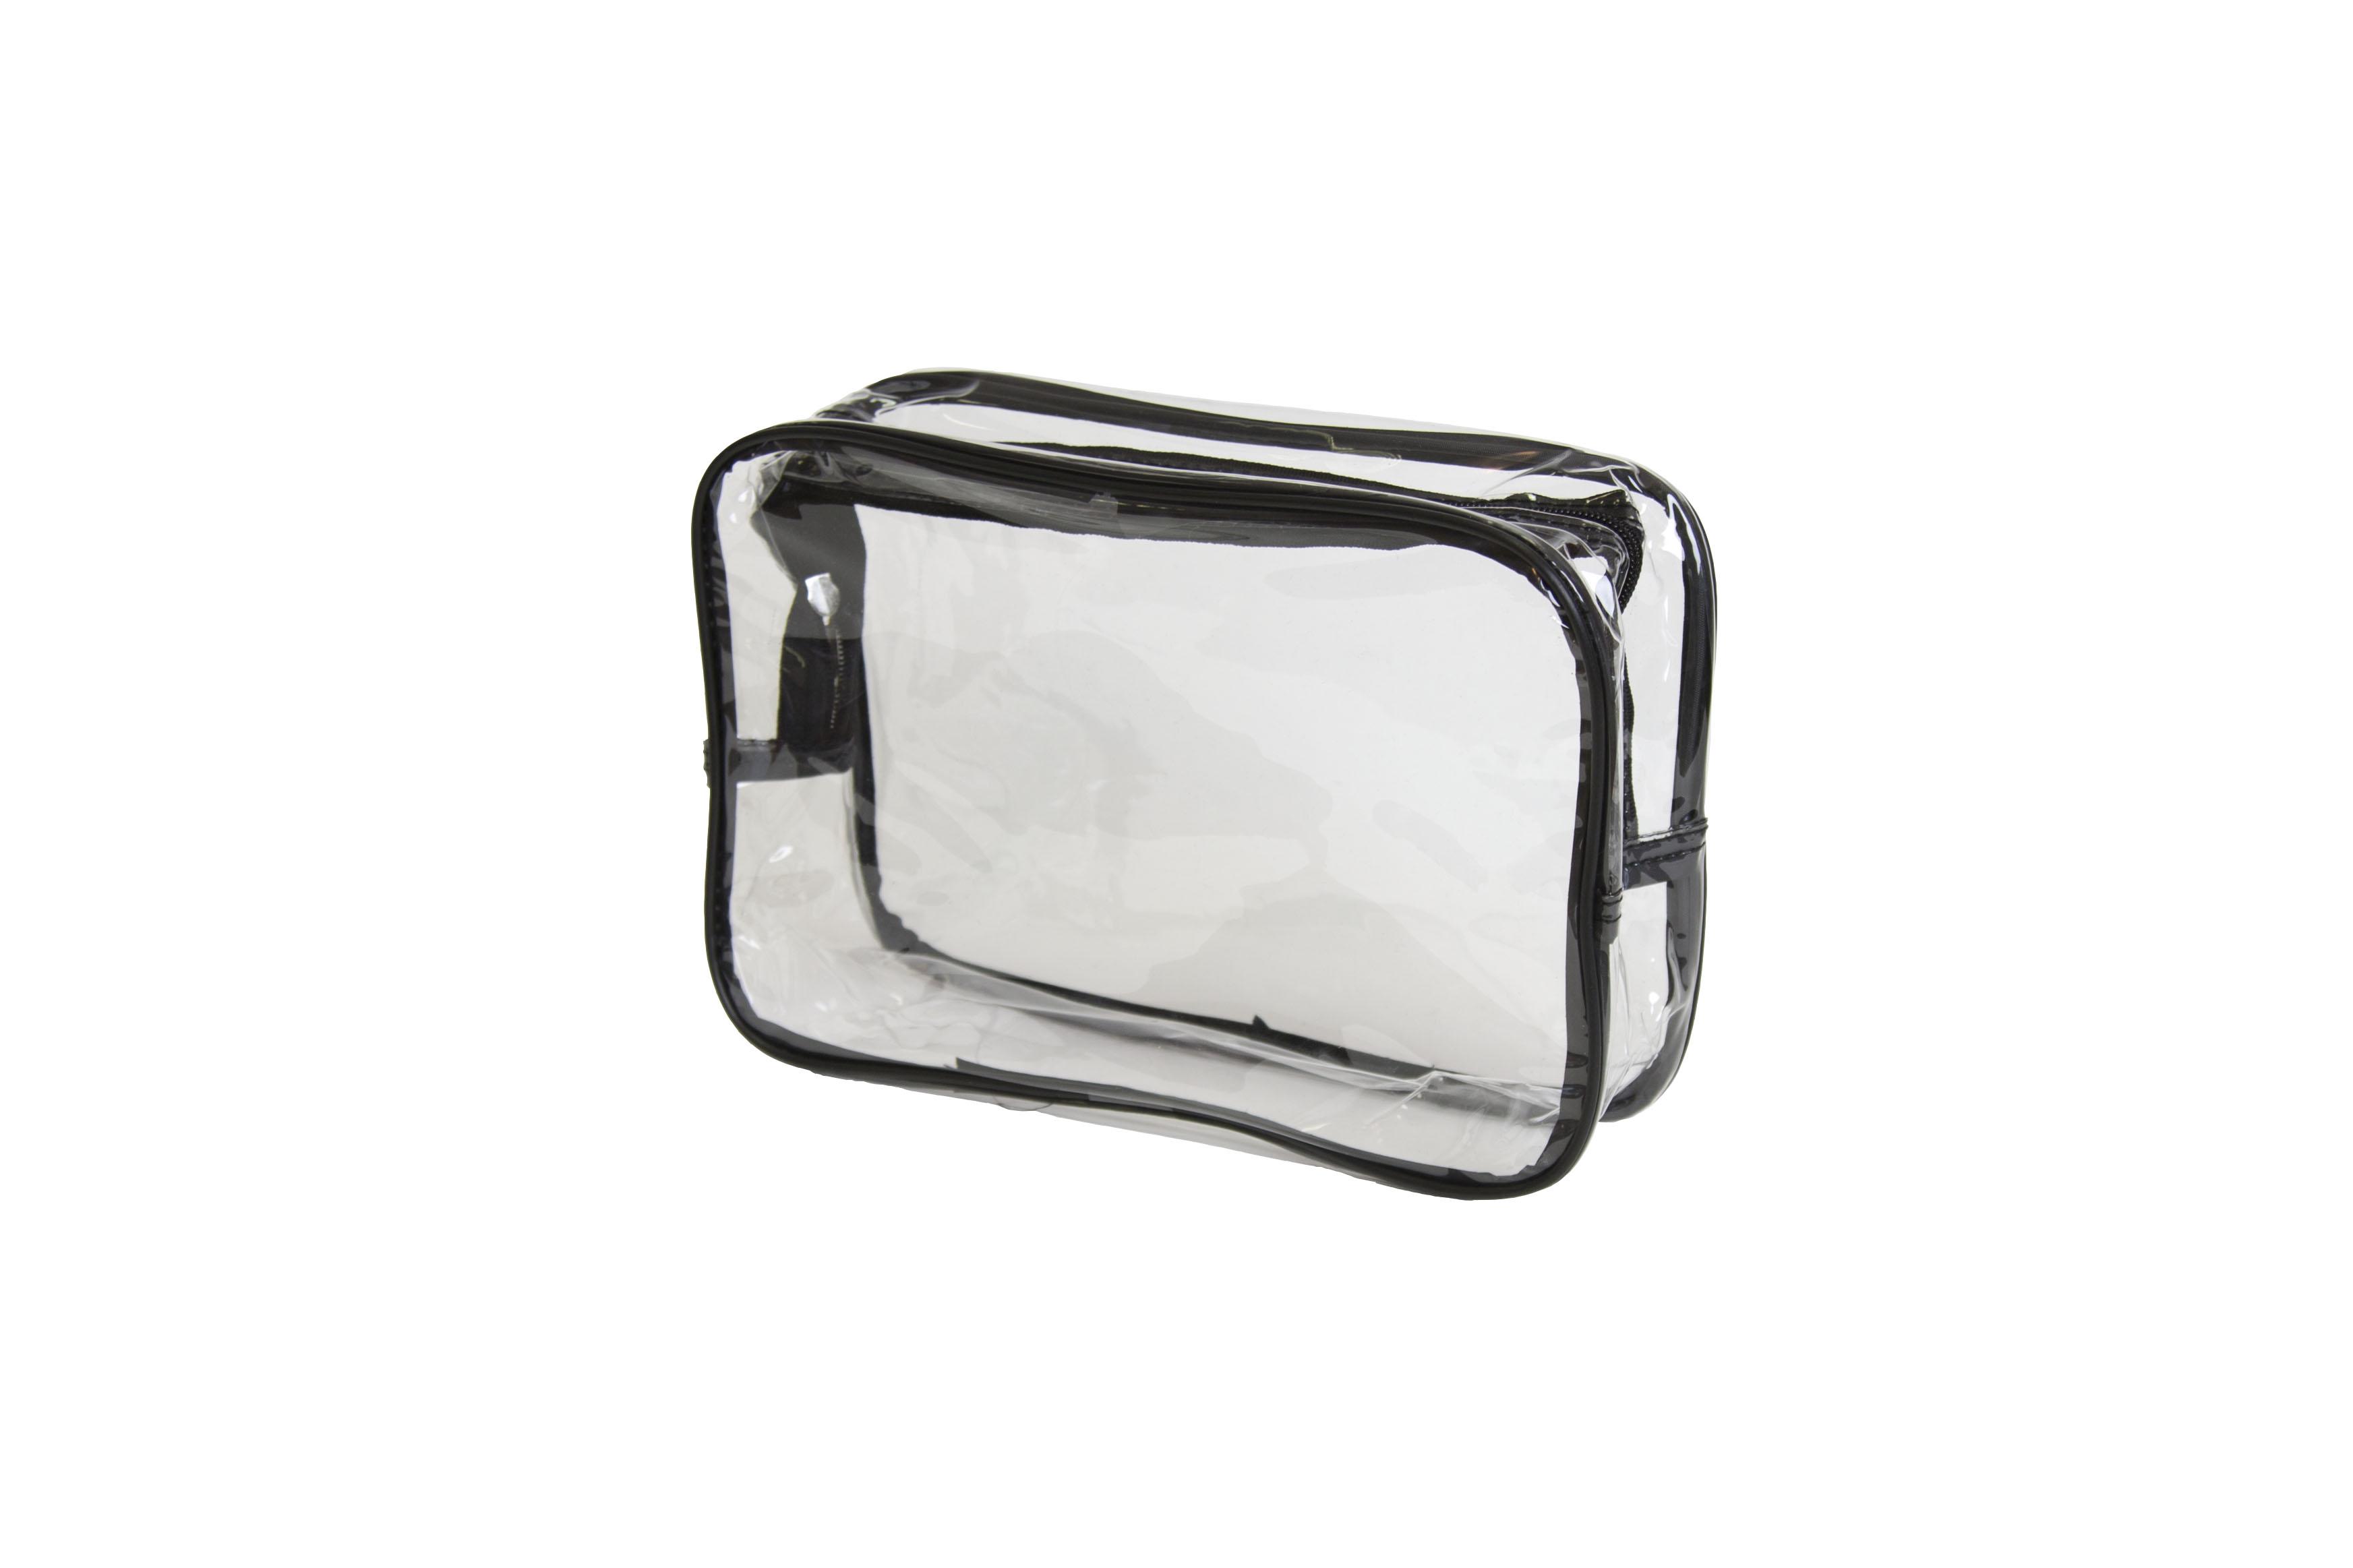 SIBEL Косметичка прозрачная с черной гранью / Sibel, 19х27см